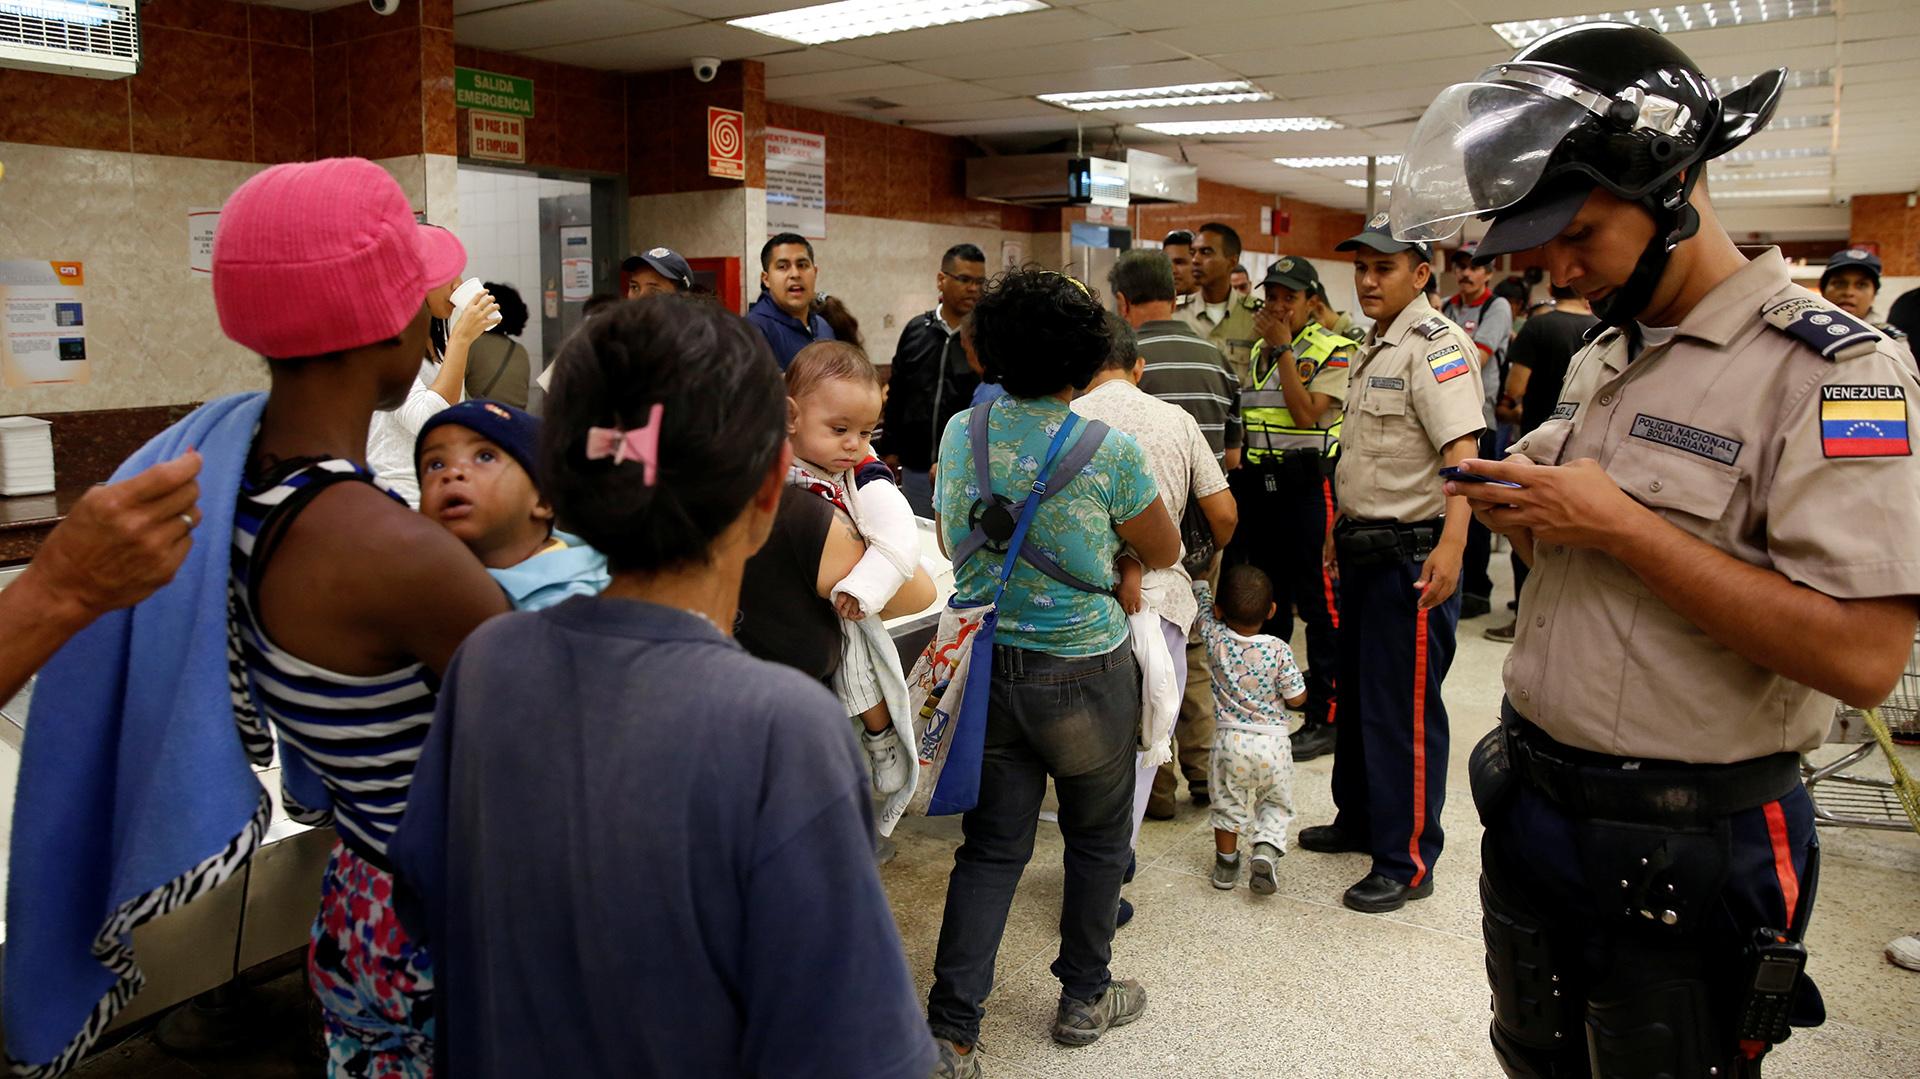 El Centro de Documentación y Análisis Social de la Federación Venezolana de Maestros calcula que en un año se registró un aumento del 817,1% del valor de la canasta básica (Reuters)